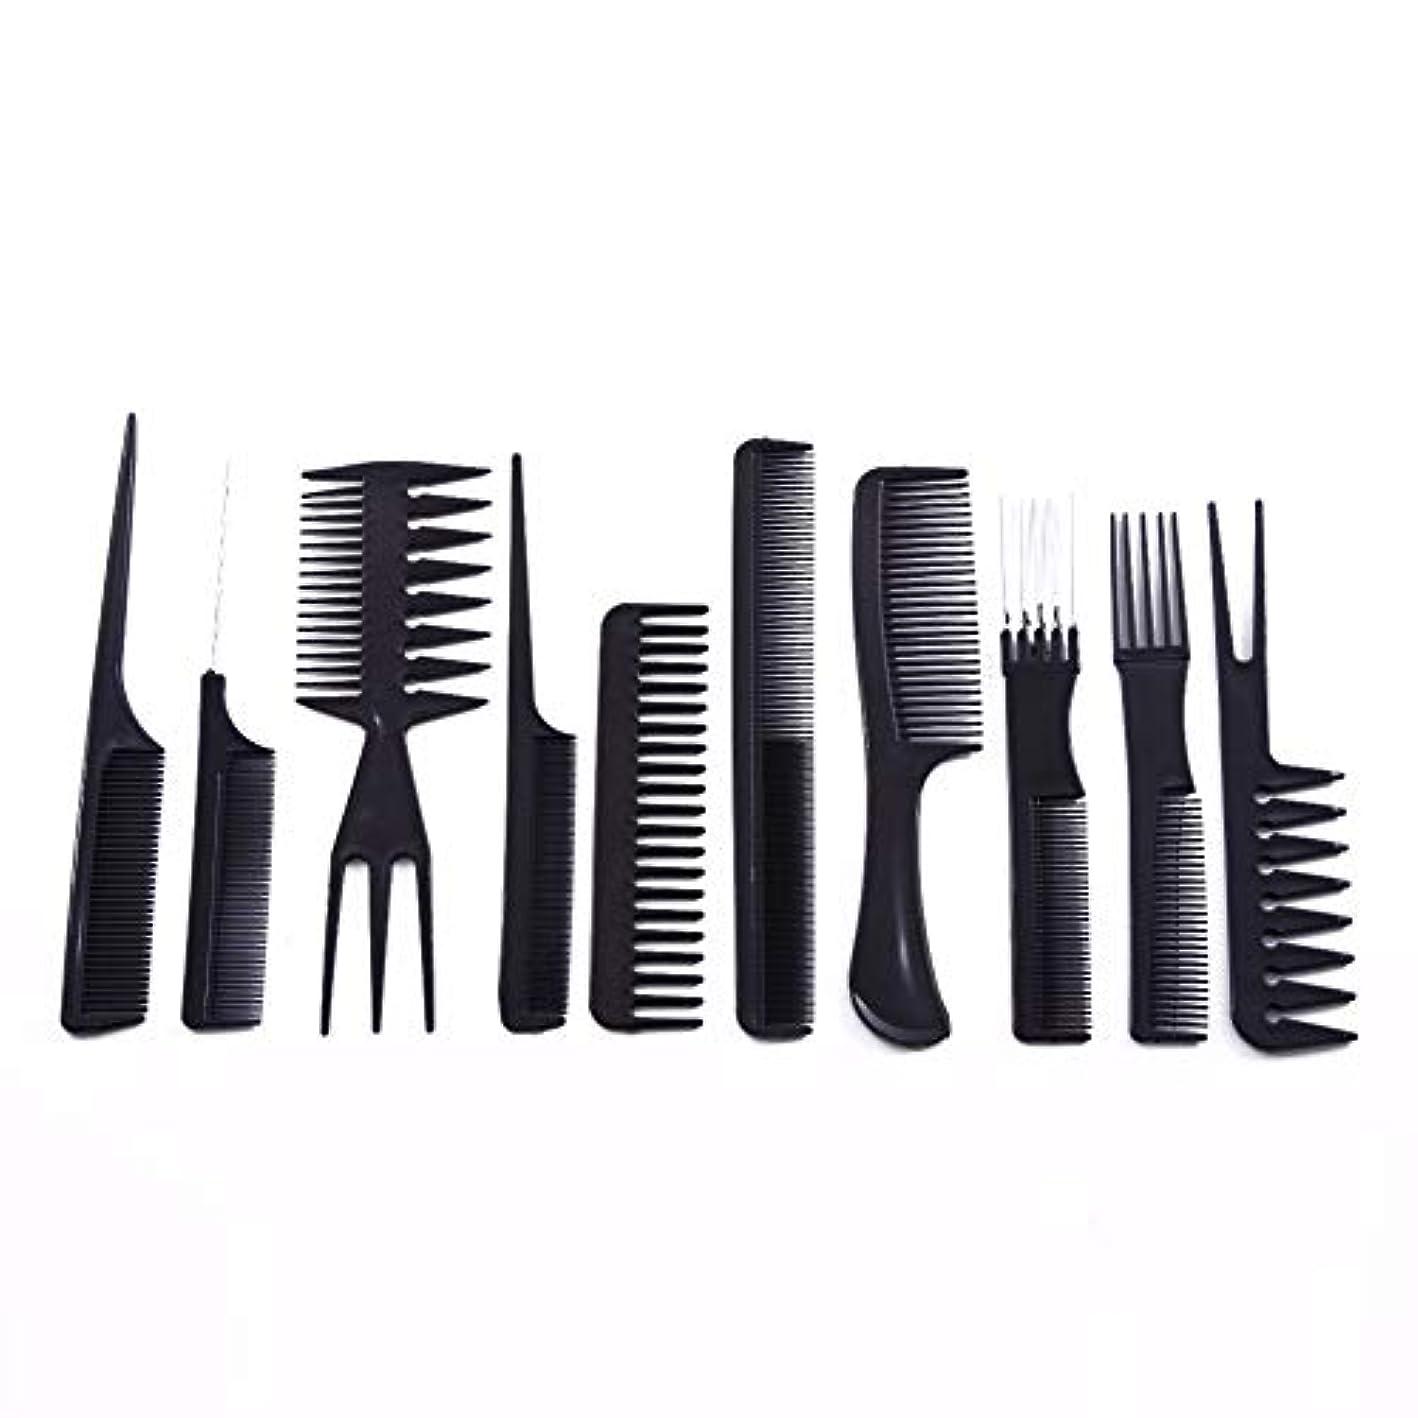 ガス菊ビル10ピース/セットプロのヘアブラシ櫛サロン理容帯電防止ヘアコームヘアケアスタイリングツール用すべての髪タイプ